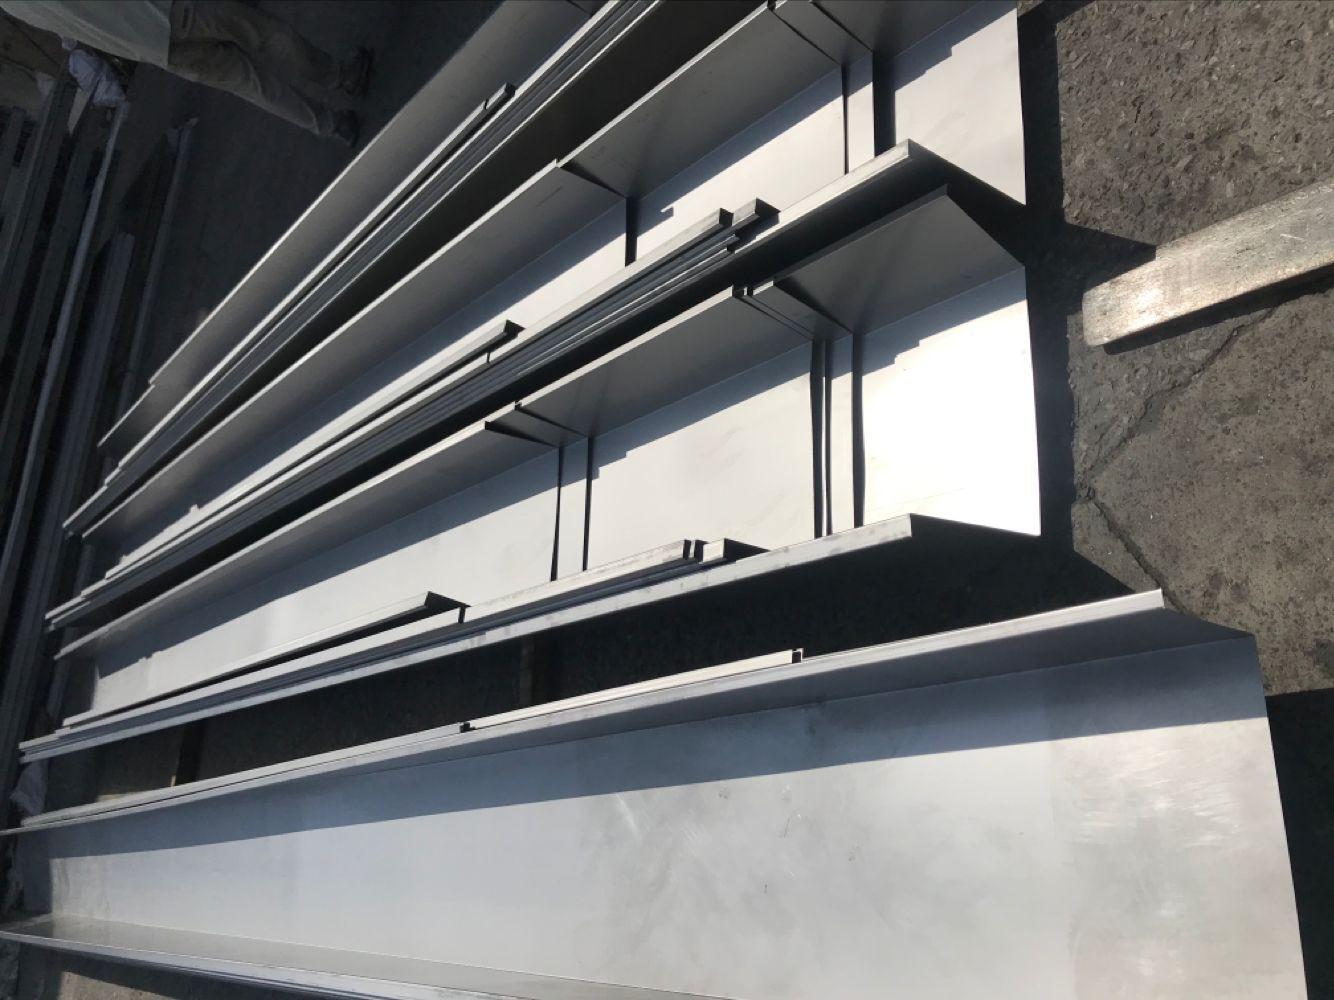 提供不锈钢天沟特价_提供金属建材-无锡亚德业不锈钢有限公司